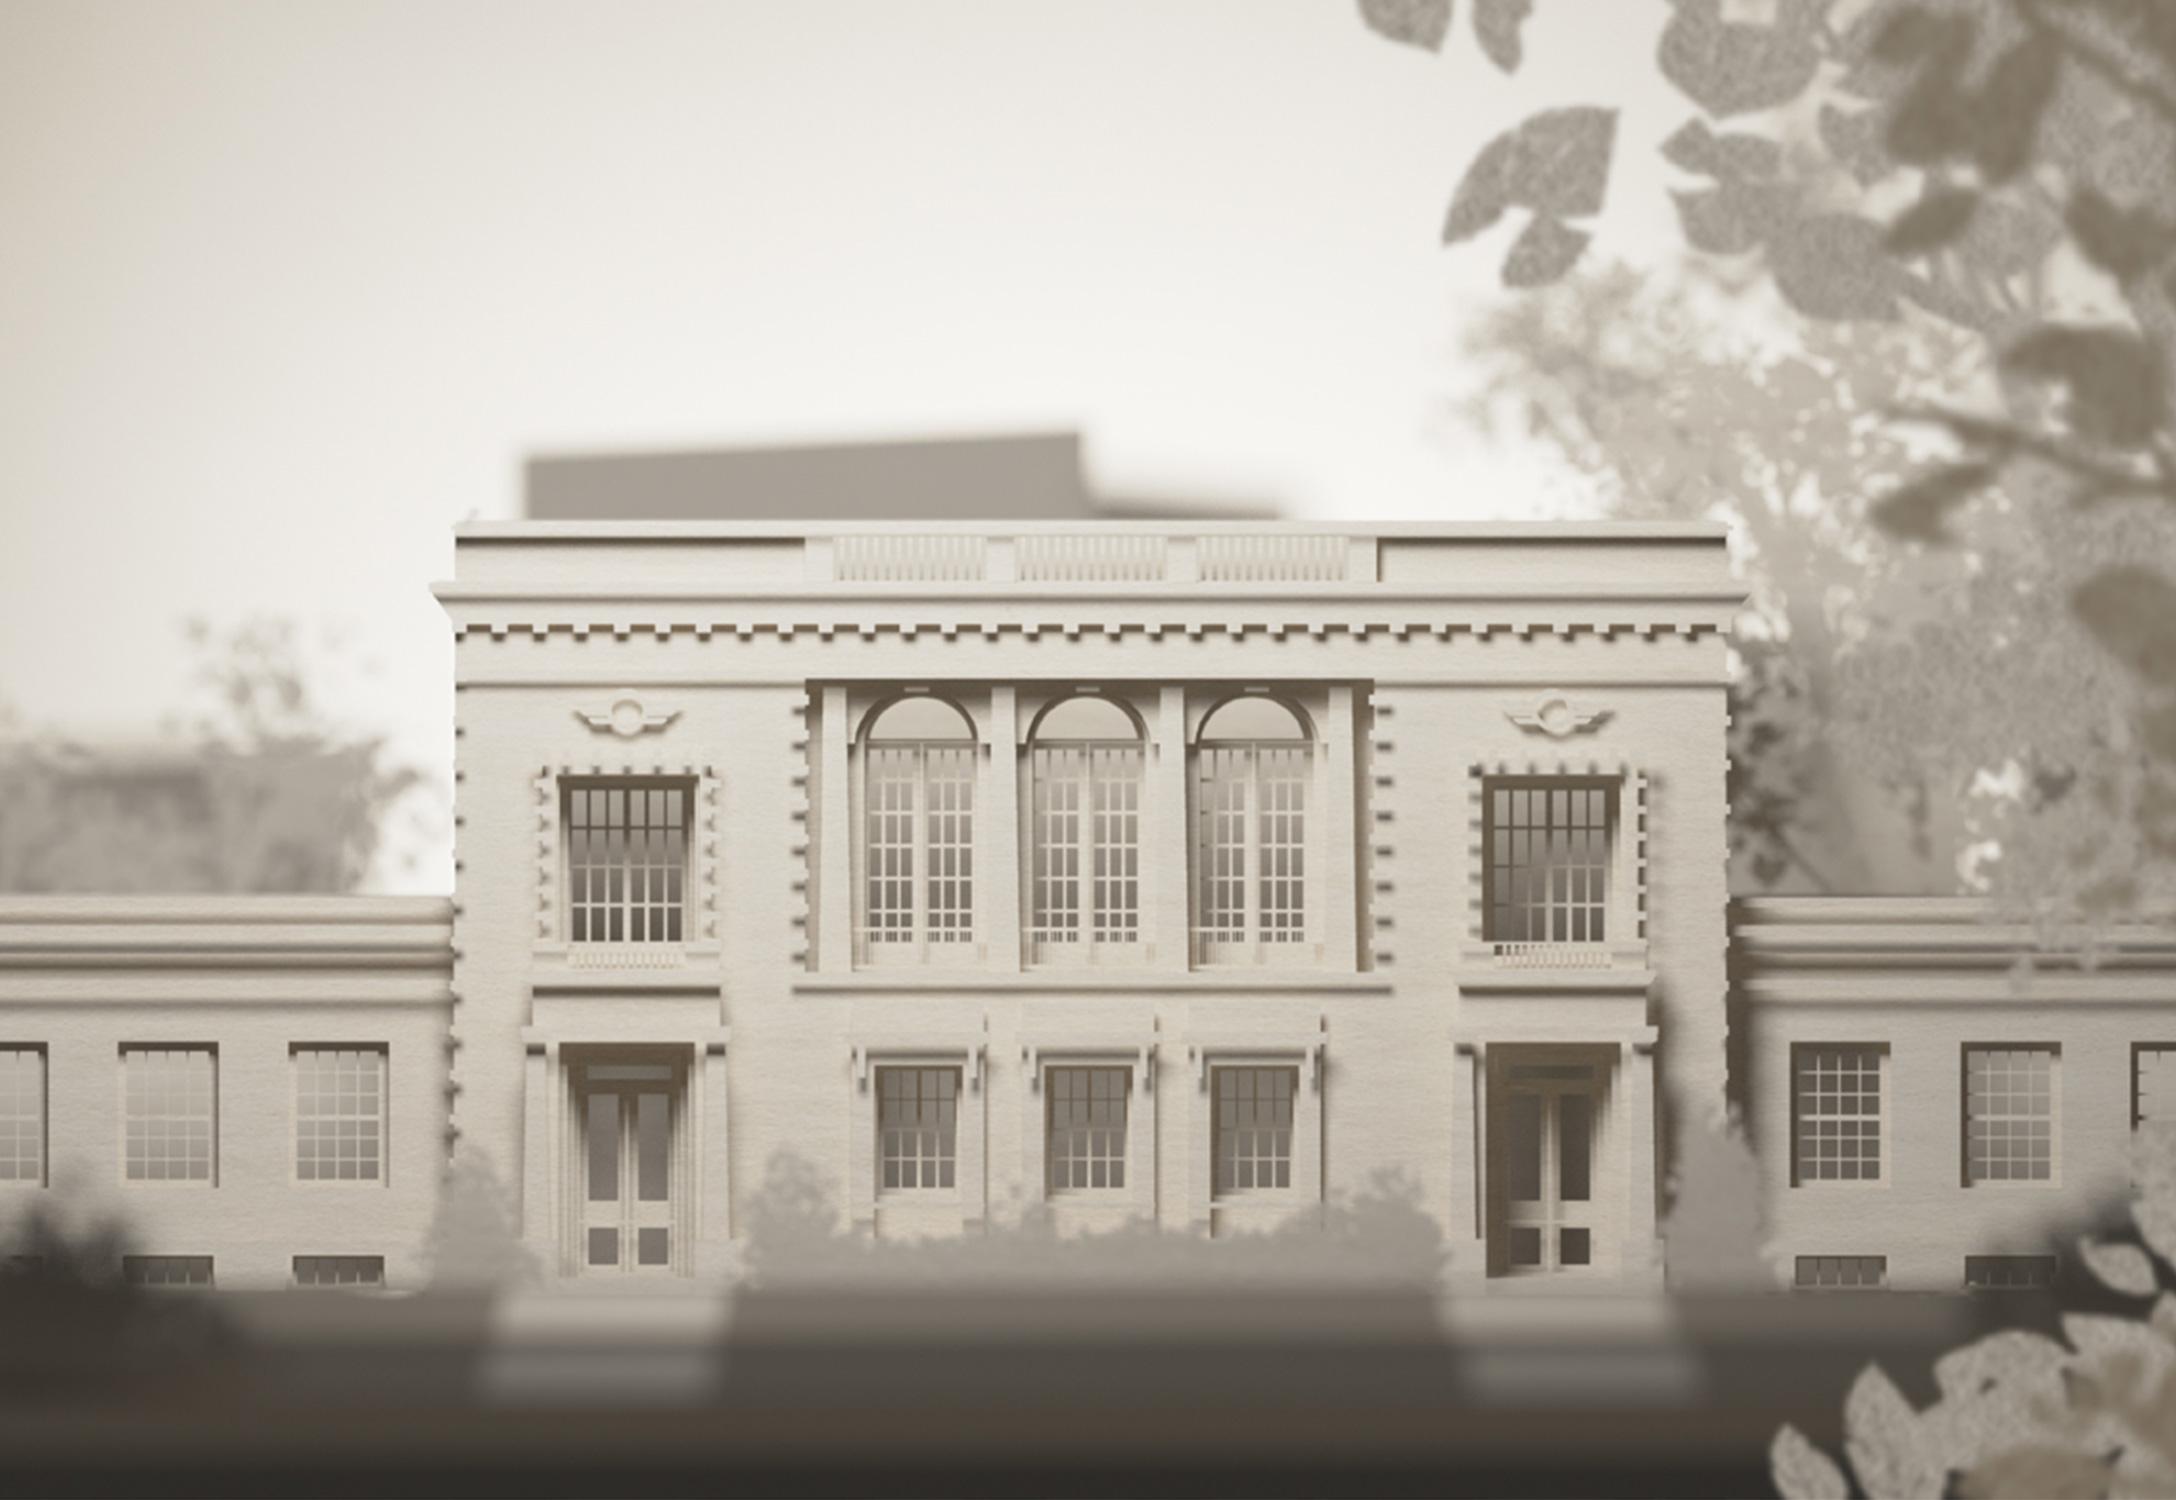 Illustration of Memorial Hall building façade.